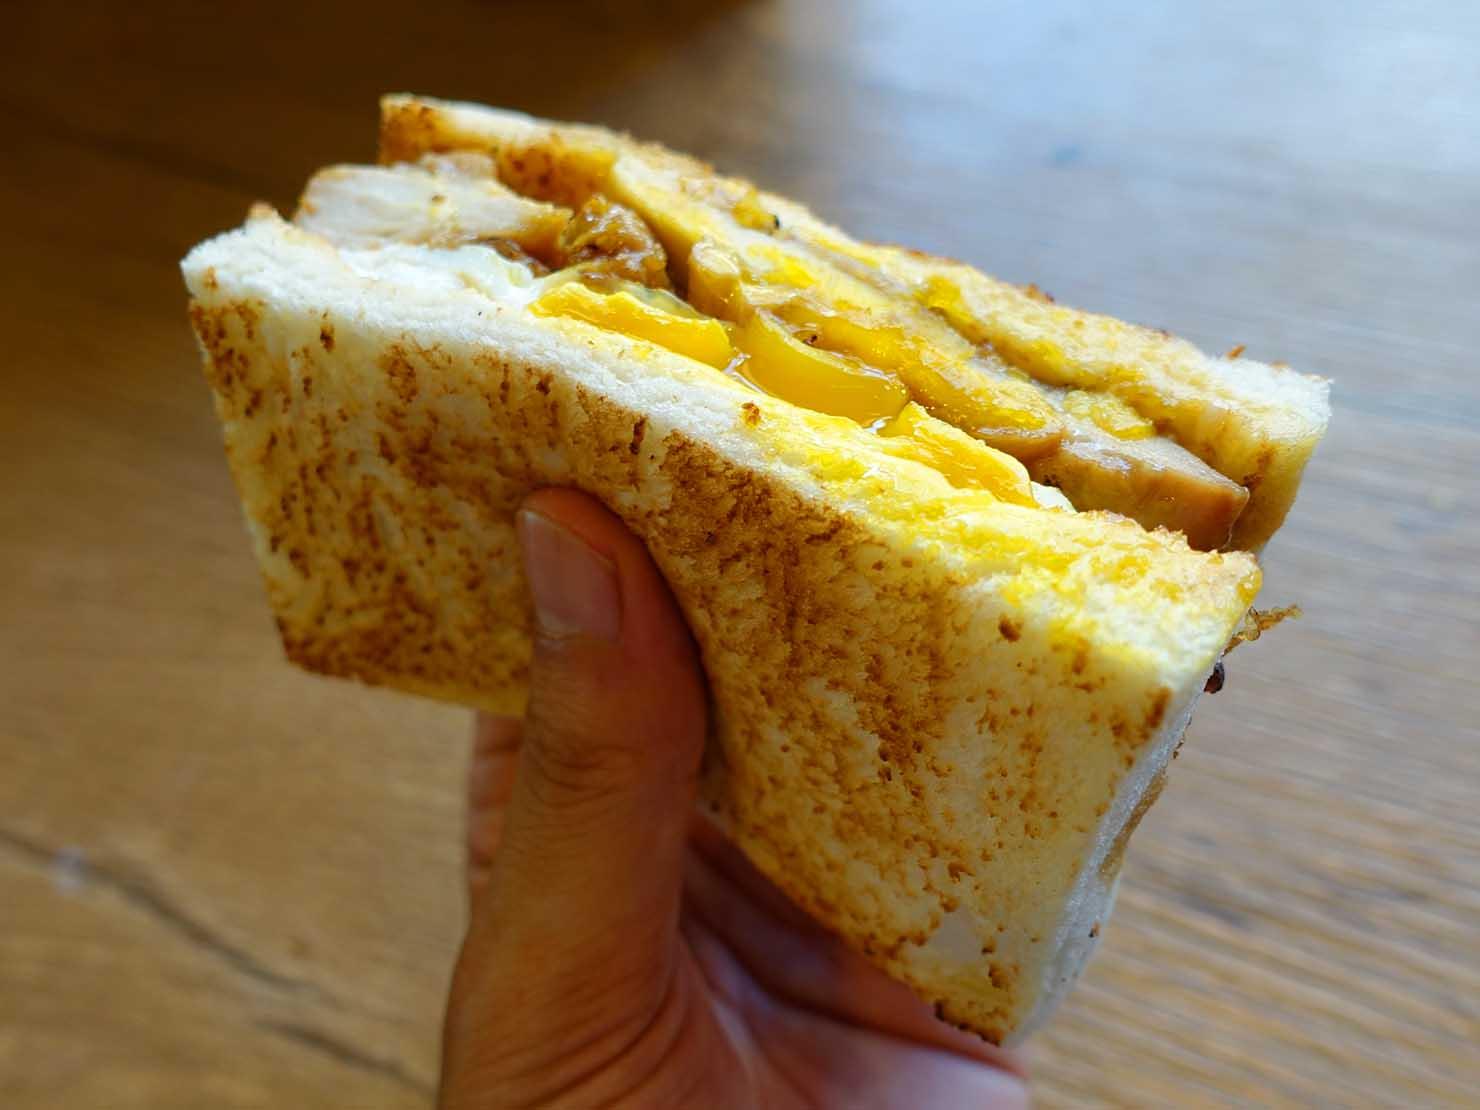 台北・行天宮のおすすめグルメ店「良粟商號」の炭燒雞腿排吐司(炭焼きチキンエッグサンド)クローズアップ